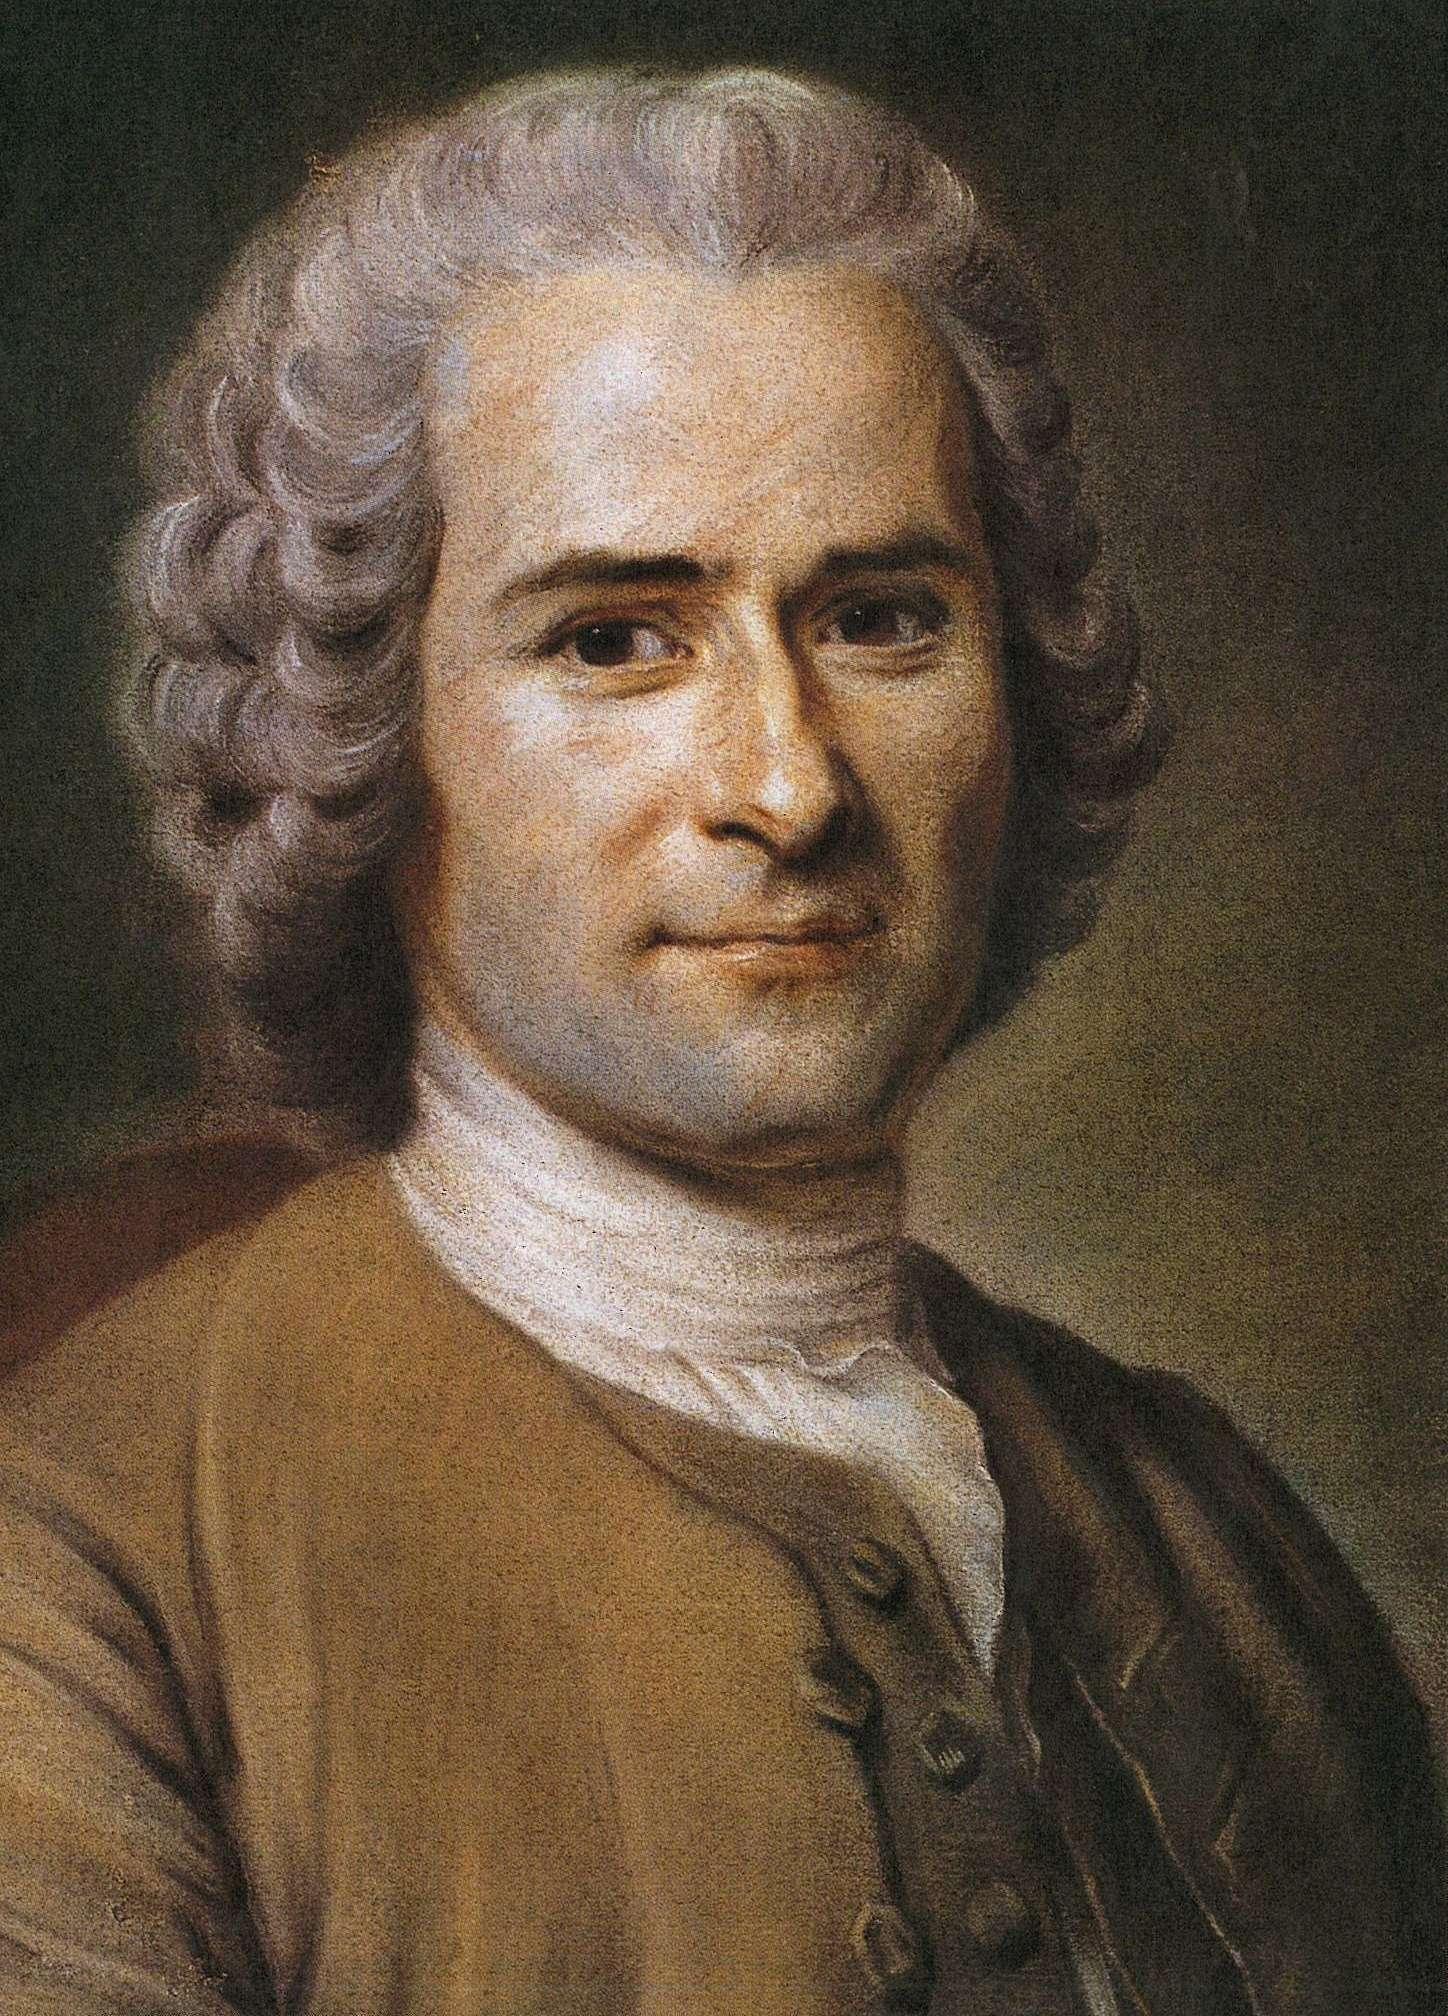 Ο Ζαν Ζακ Ρουσσώ (Jean-Jacques Rousseau, 28 Ιουνίου 1712 - 2 Ιουλίου 1778) ήταν Ελβετός φιλόσοφος, συγγραφέας και συνθέτης του 18ου αιώνα.